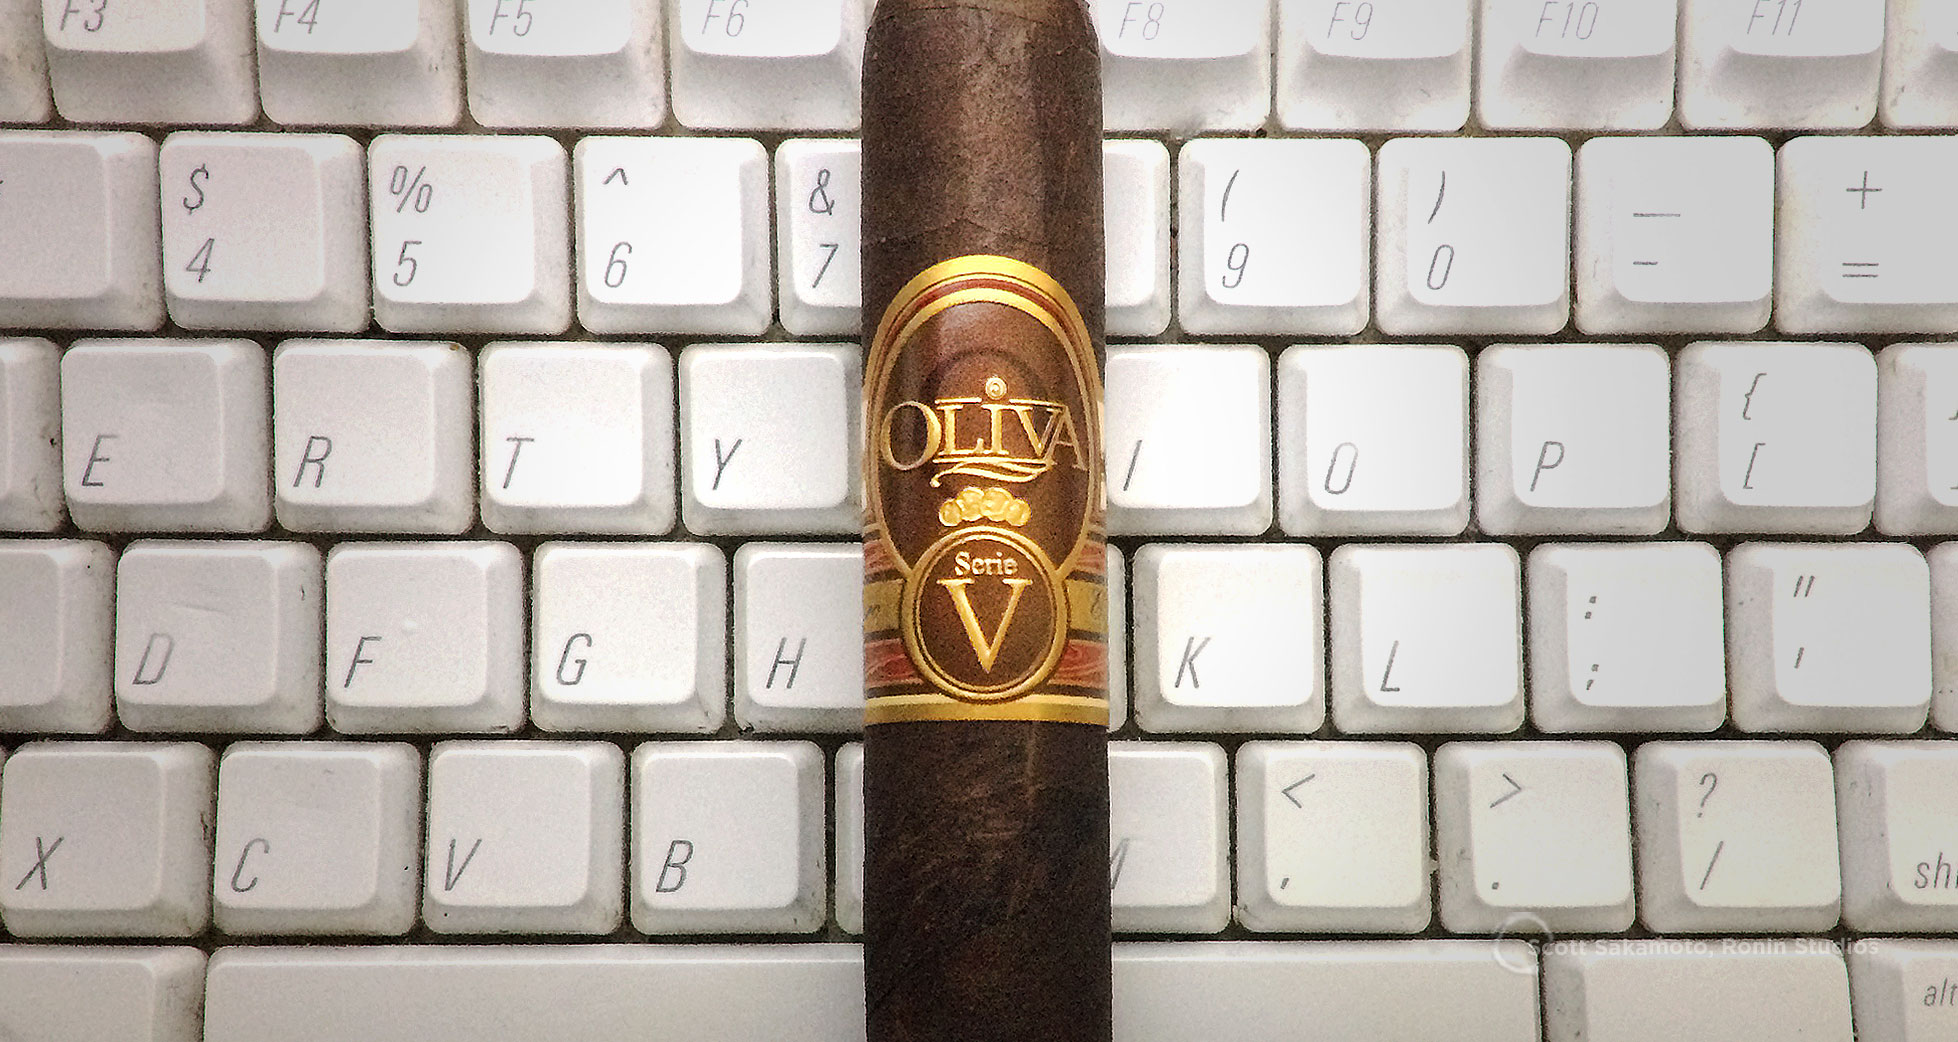 Corona, Ecuadorian Habano Sun Grown, No. 4, Oliva, Oliva Cigar, Serie V